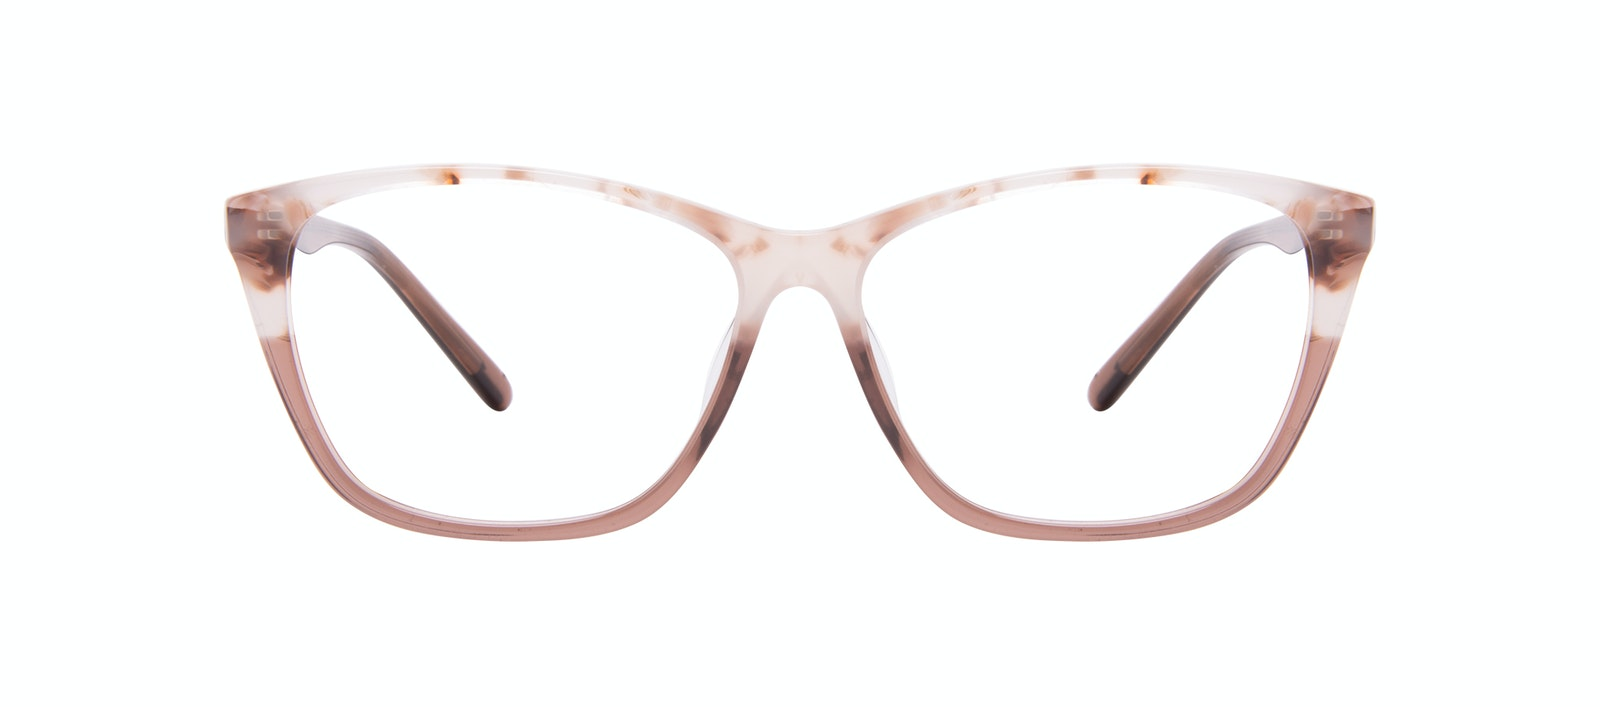 Lunettes tendance Oeil de chat Rectangle Lunettes de vue Femmes Myrtle Frosted Sand Face